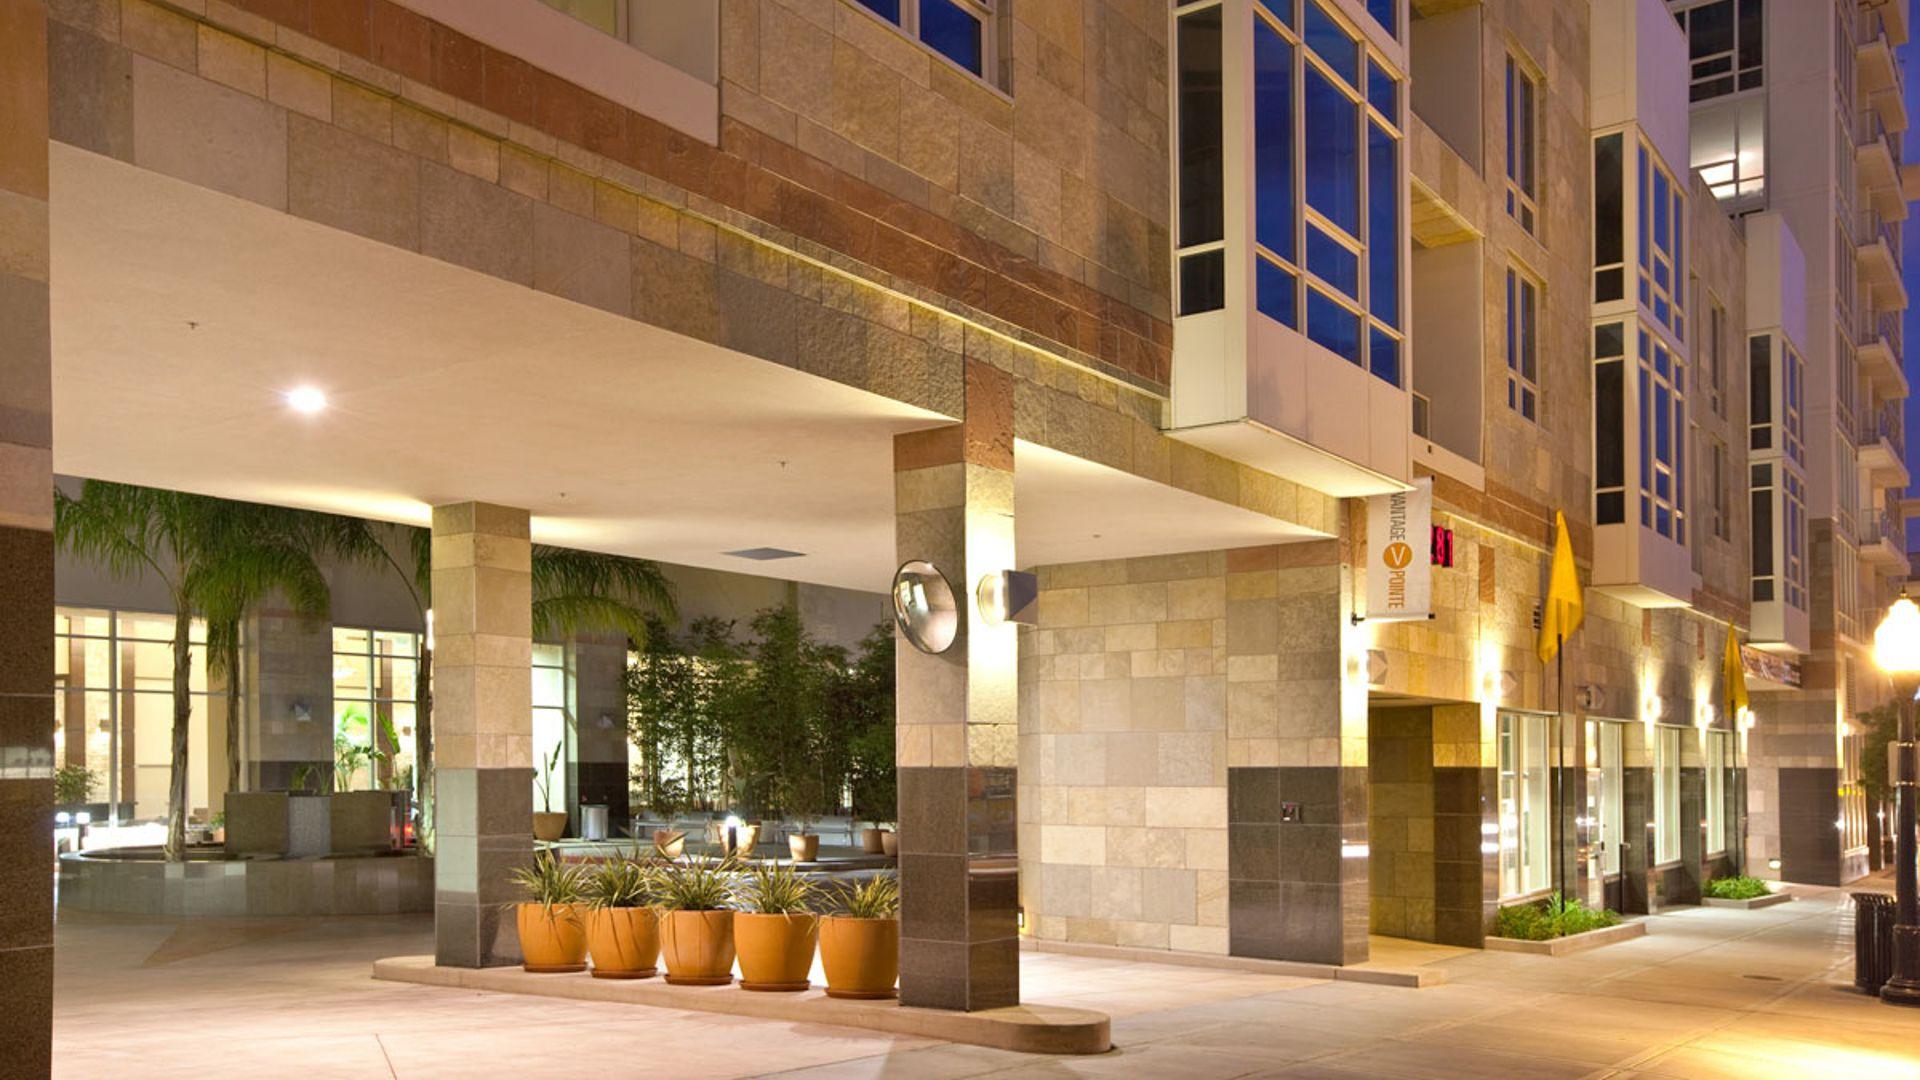 Vantage Pointe Apartments - Entrance